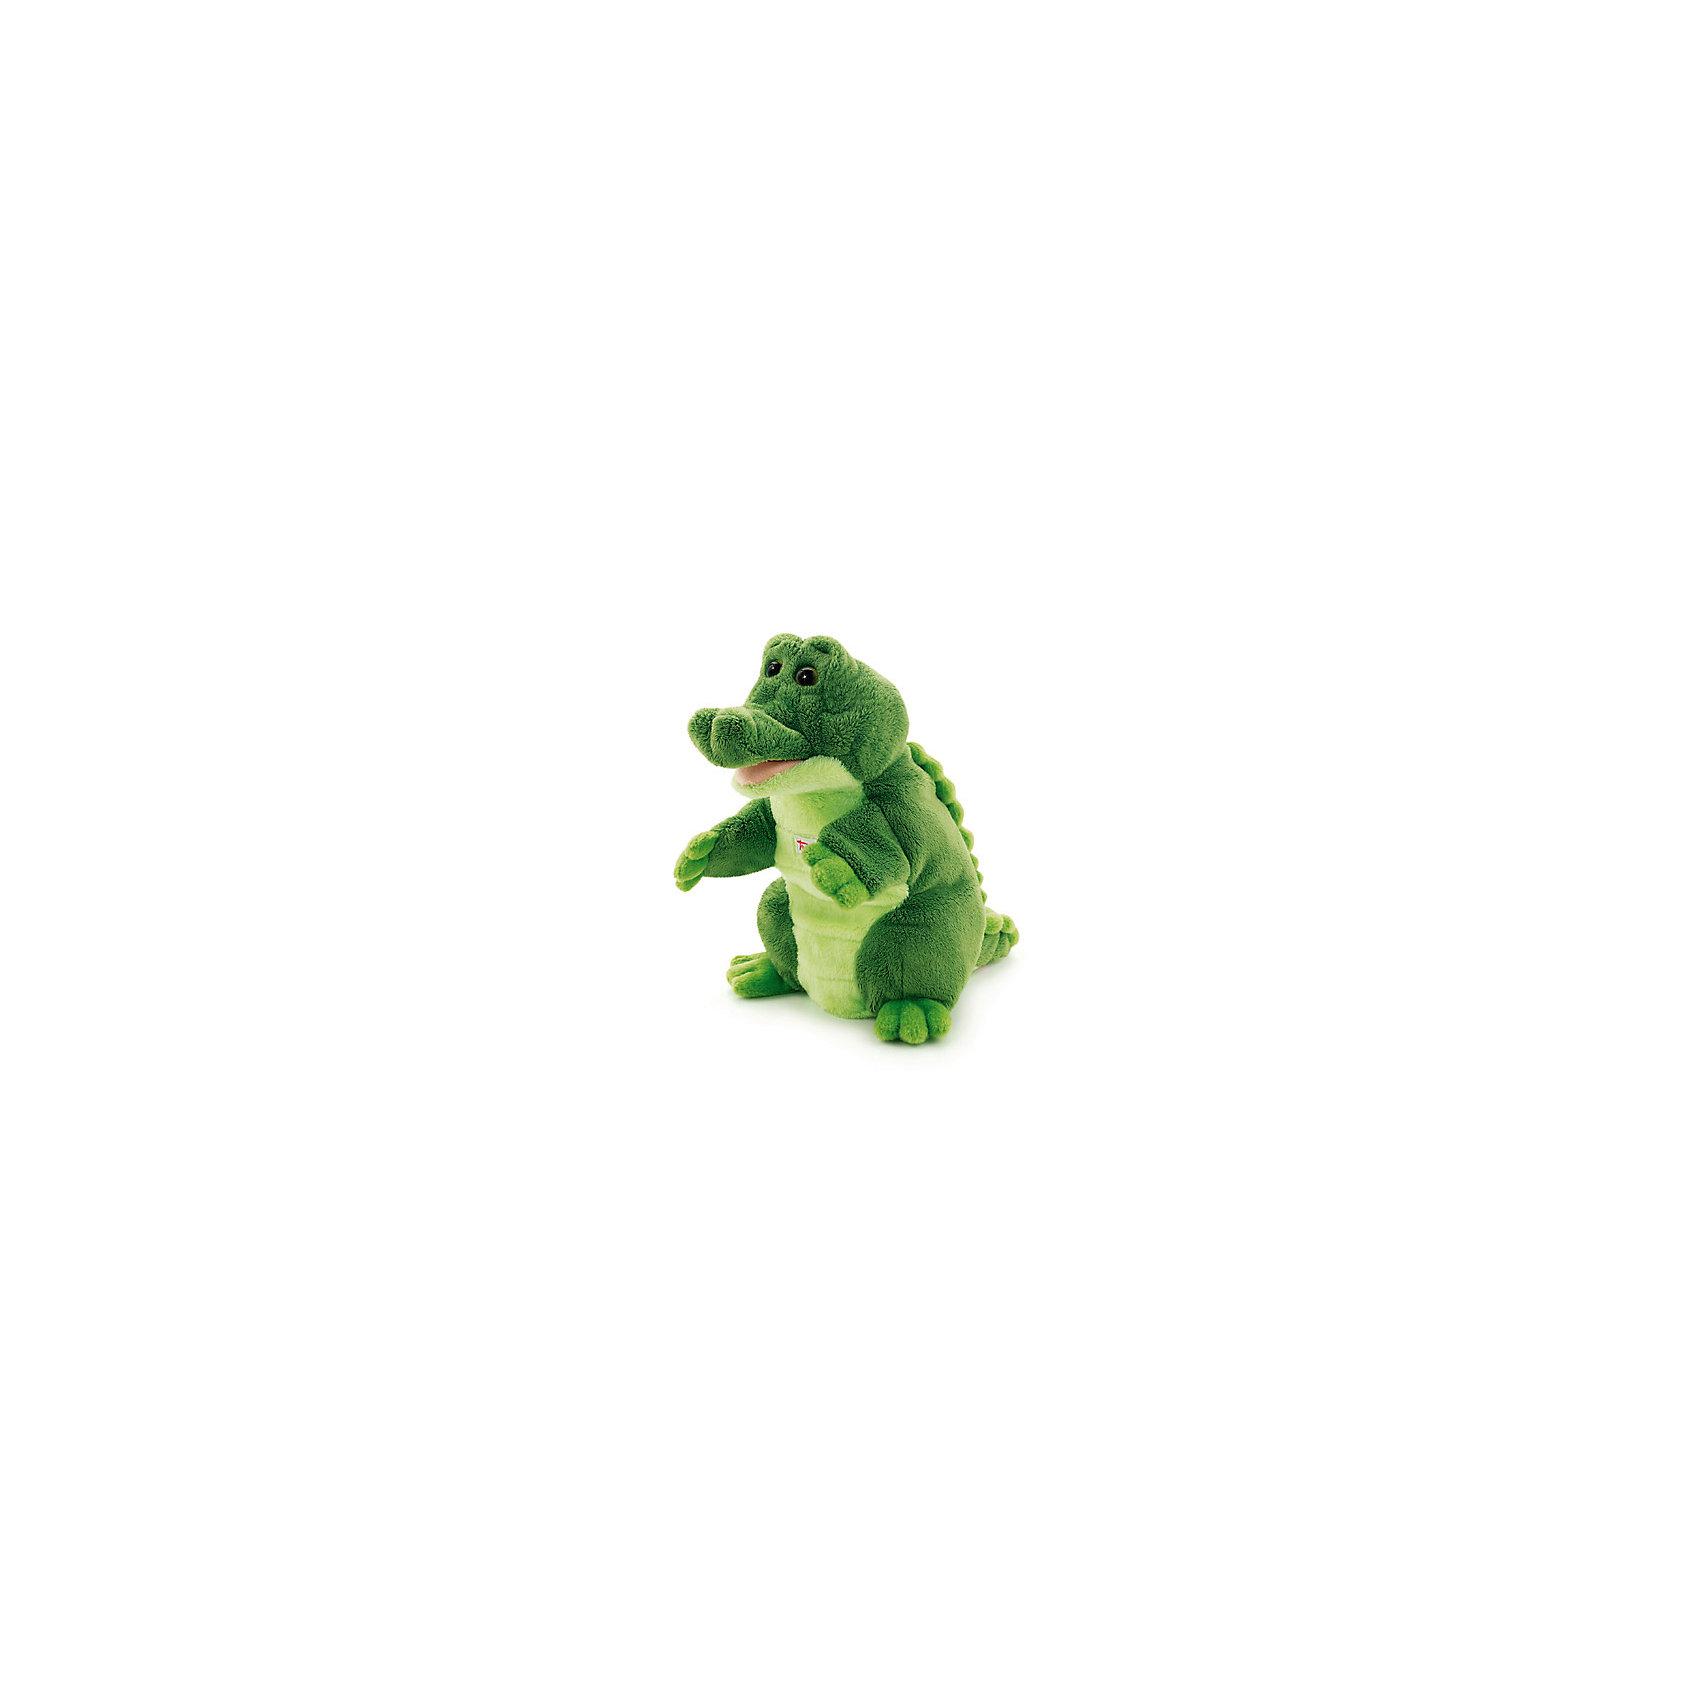 Trudi Мягкая игрушка на руку Крокодил, 25 см, Trudi trudi игрушка на руку крокодил 25 см